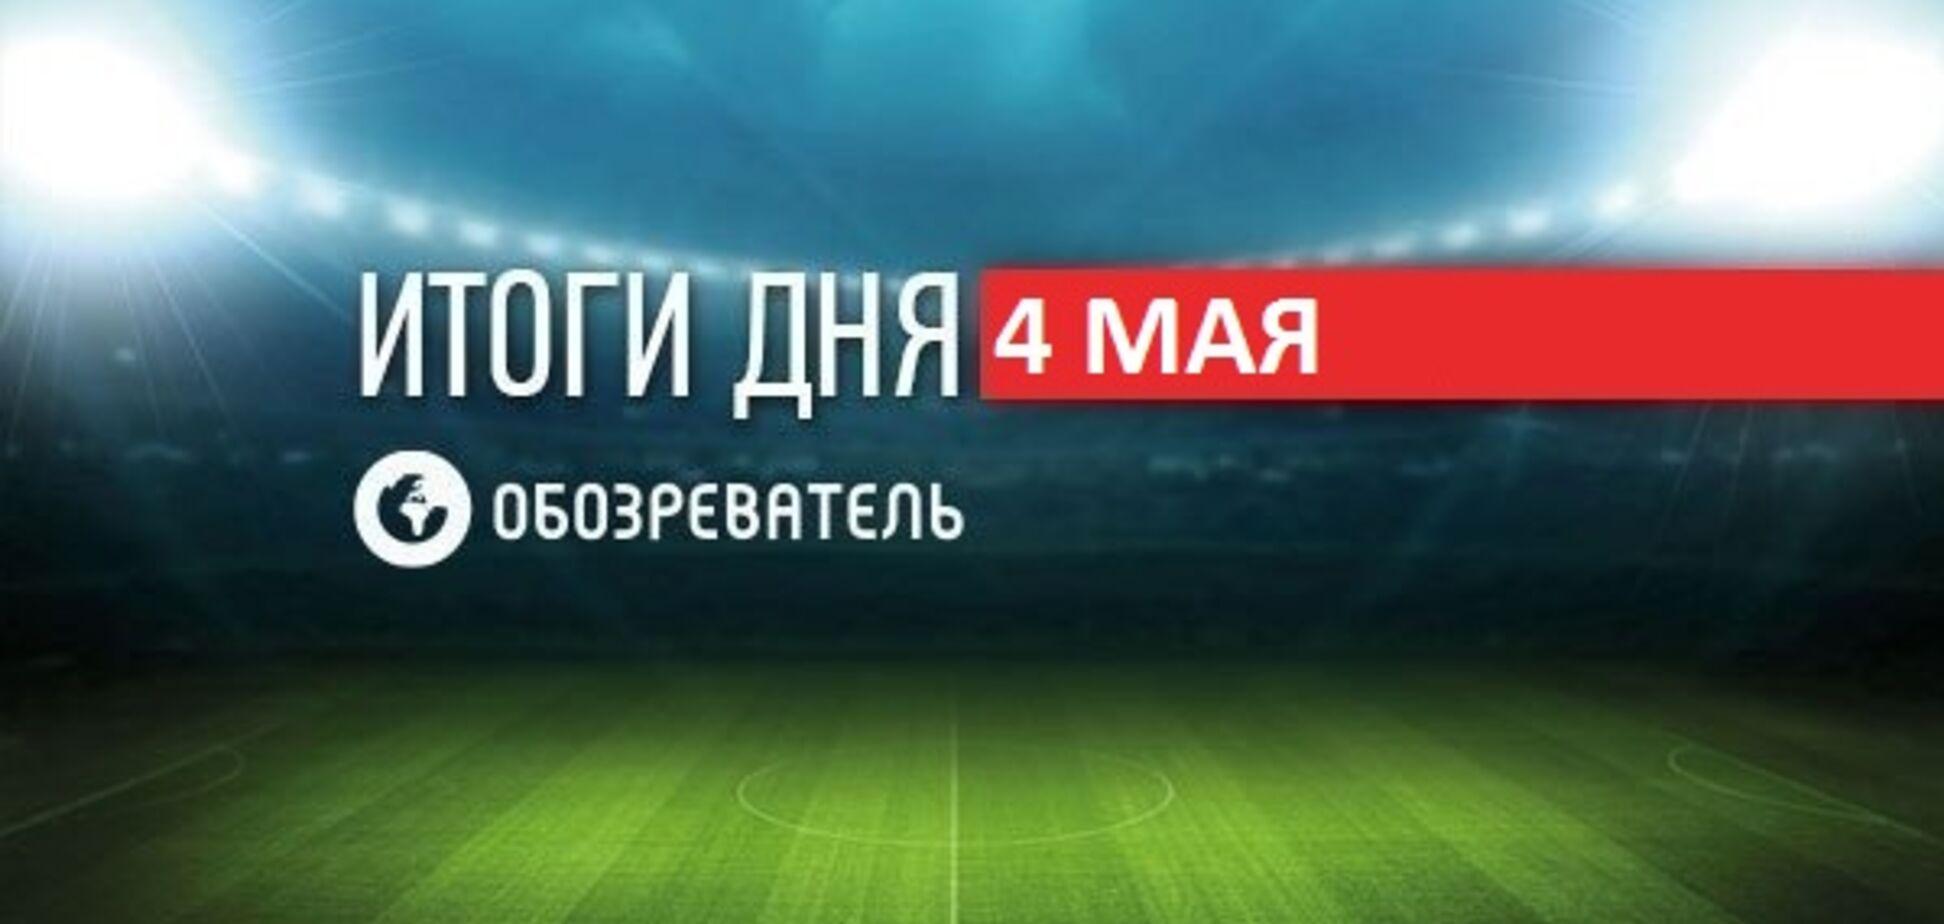 Тренер клуба Кадырова захотел 'дать по башке' украинцам: спортивные итоги 4 мая